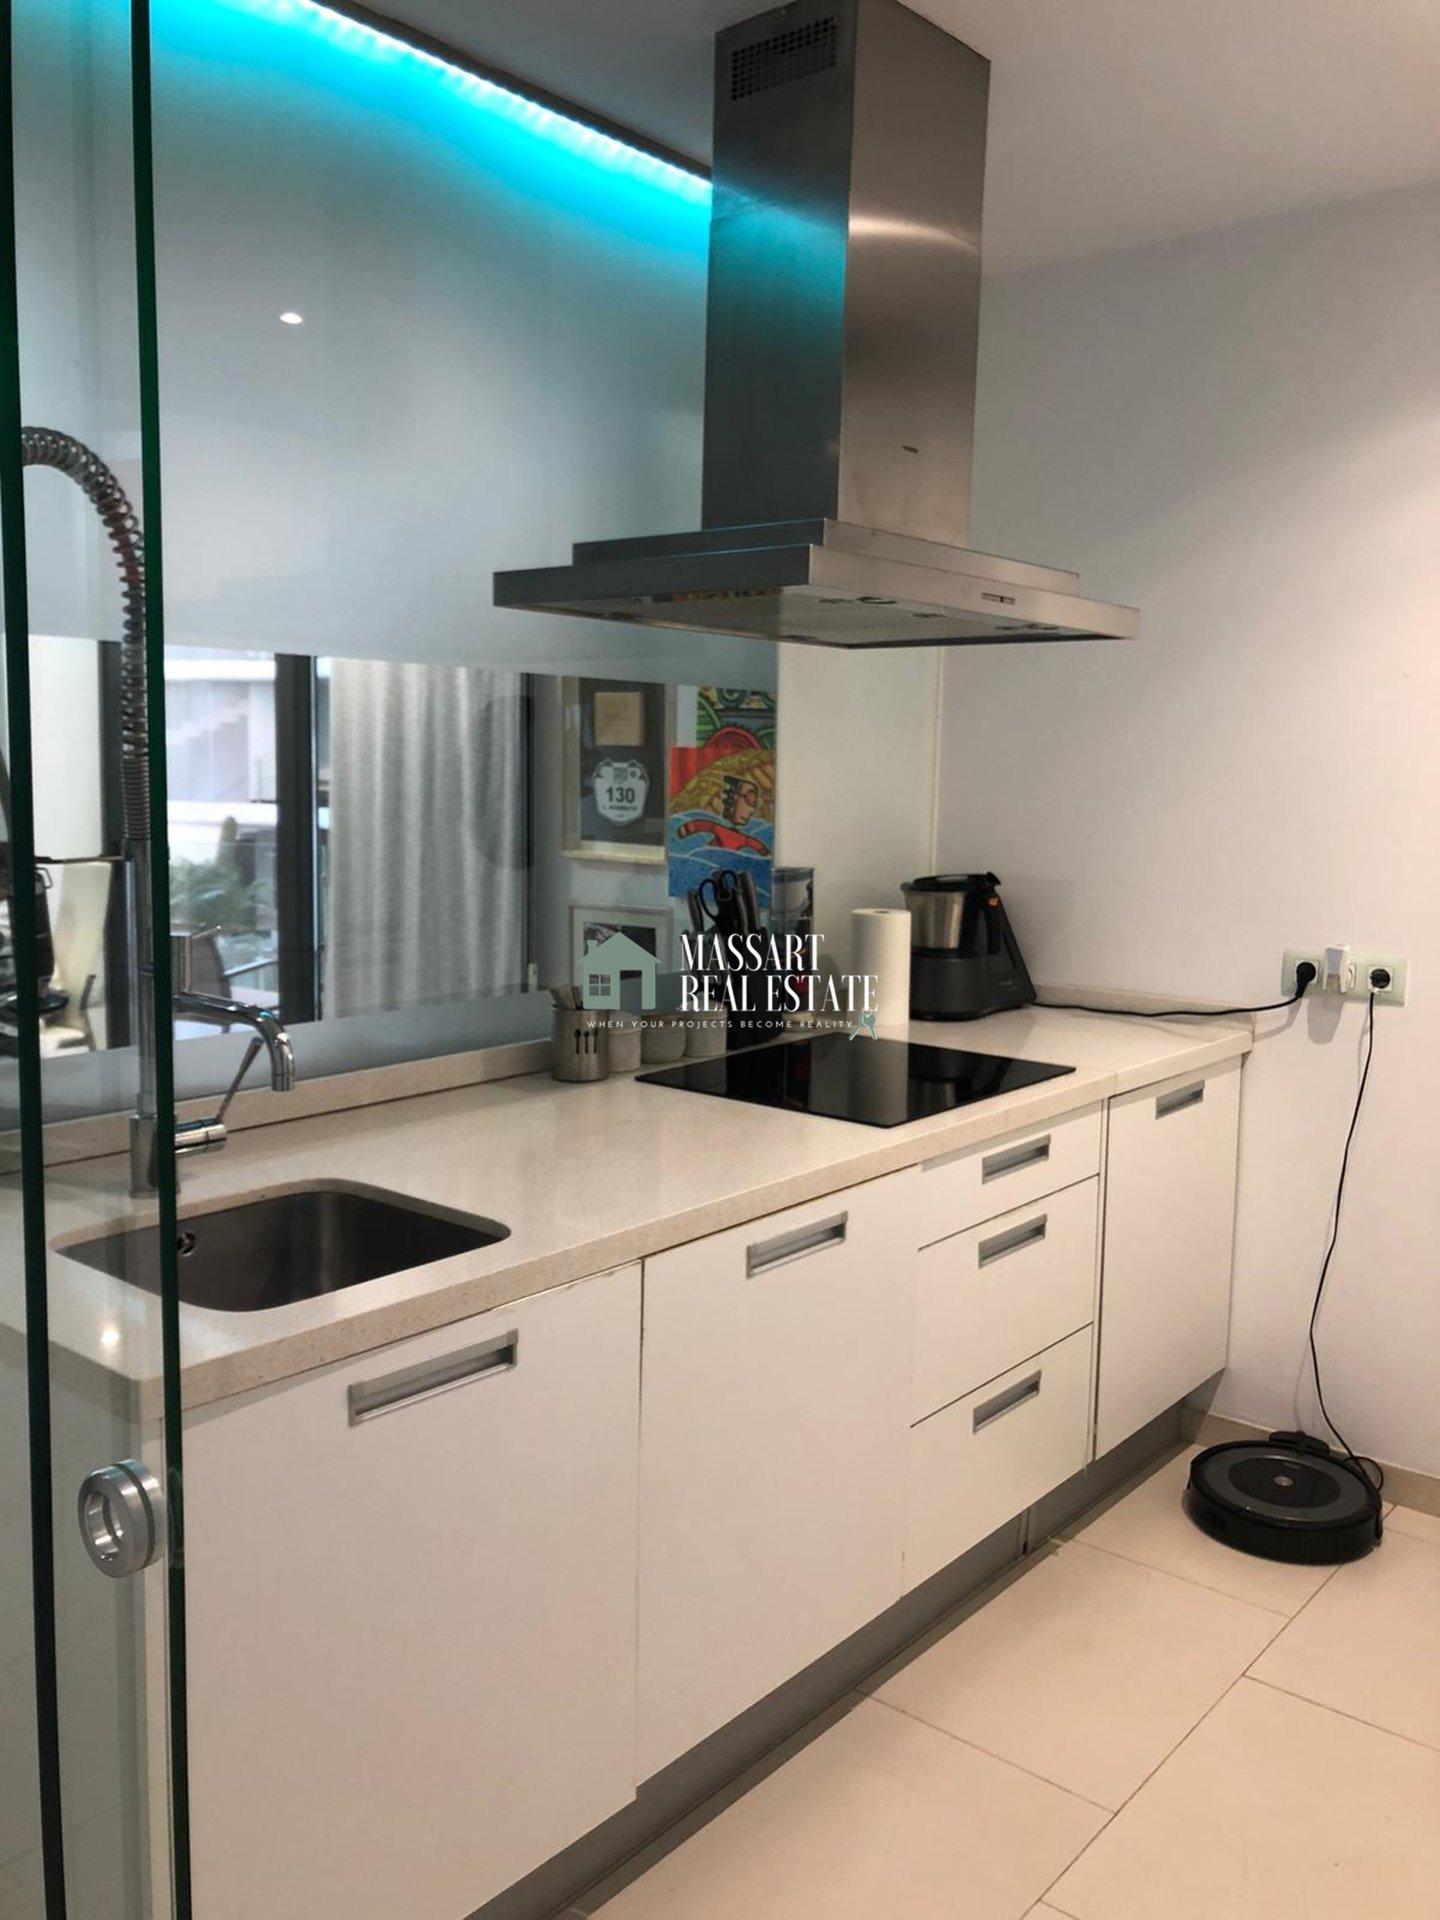 Modern appartement van ongeveer 150 m2 te huur in een van de meest prestigieuze wooncomplexen in het zuiden van het eiland, Las Olas (PalmMar).